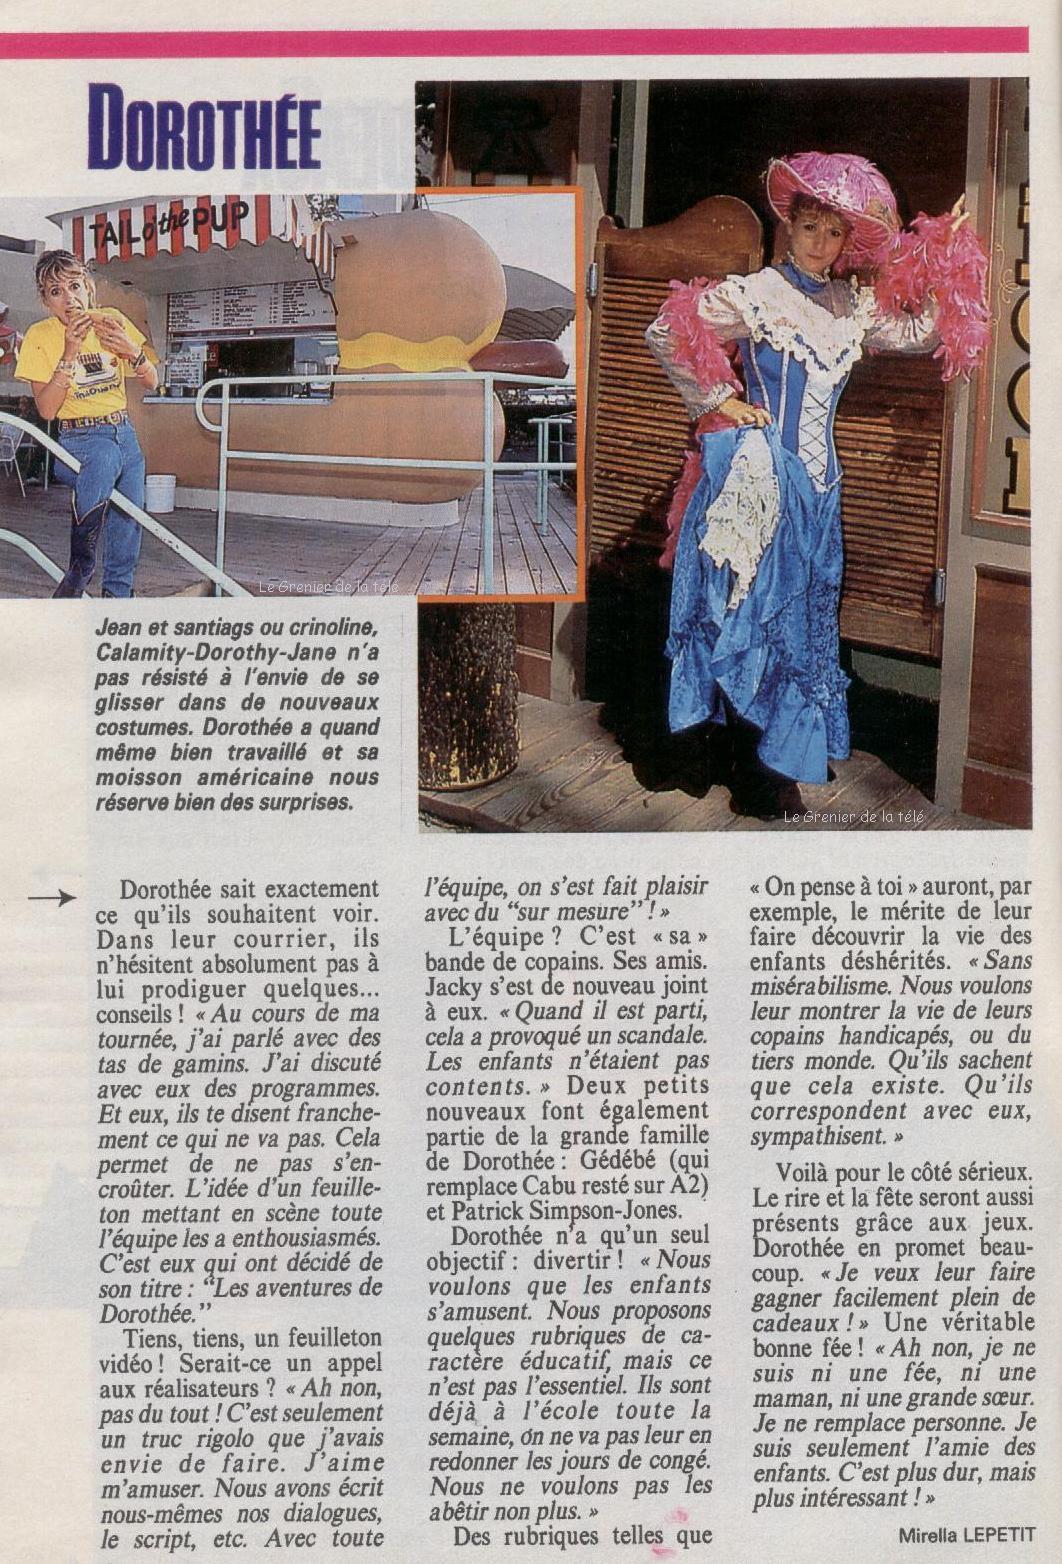 http://grenierdelatv.free.fr/dorotheetp1125aout198703.jpg